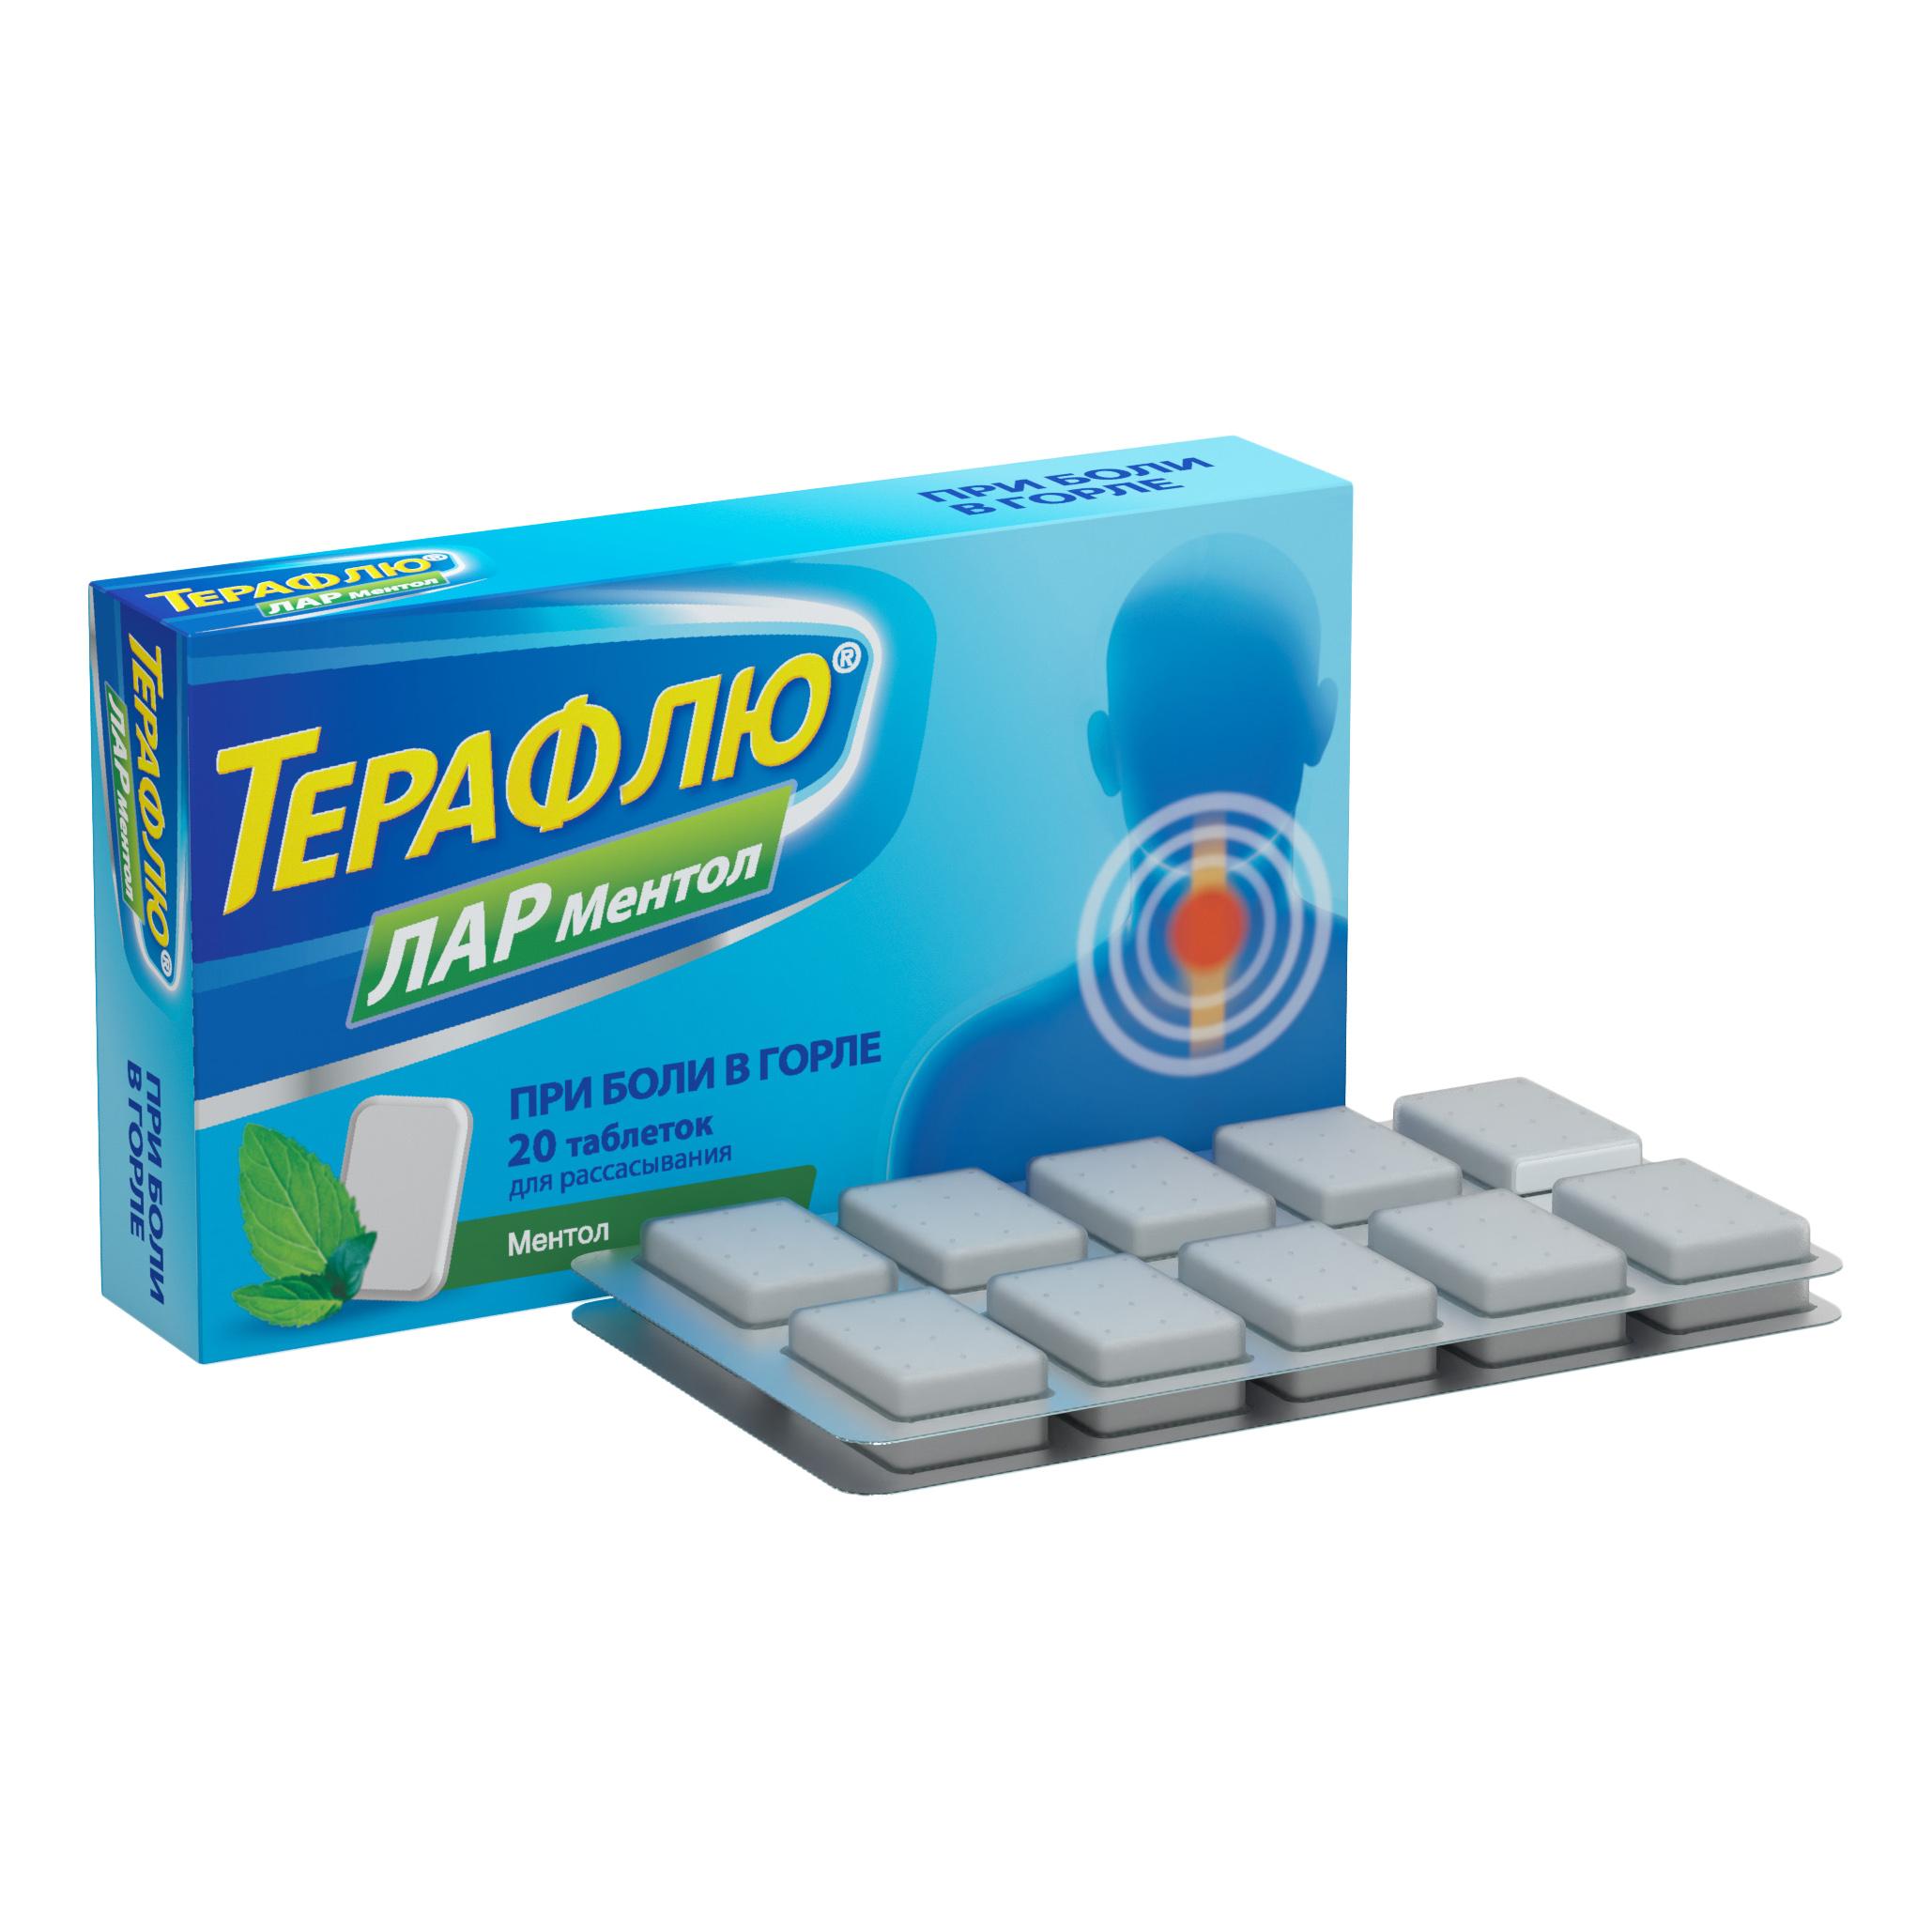 ТераФлю ЛАР таблетки для рассасывания со вкусом ментола 20 шт.